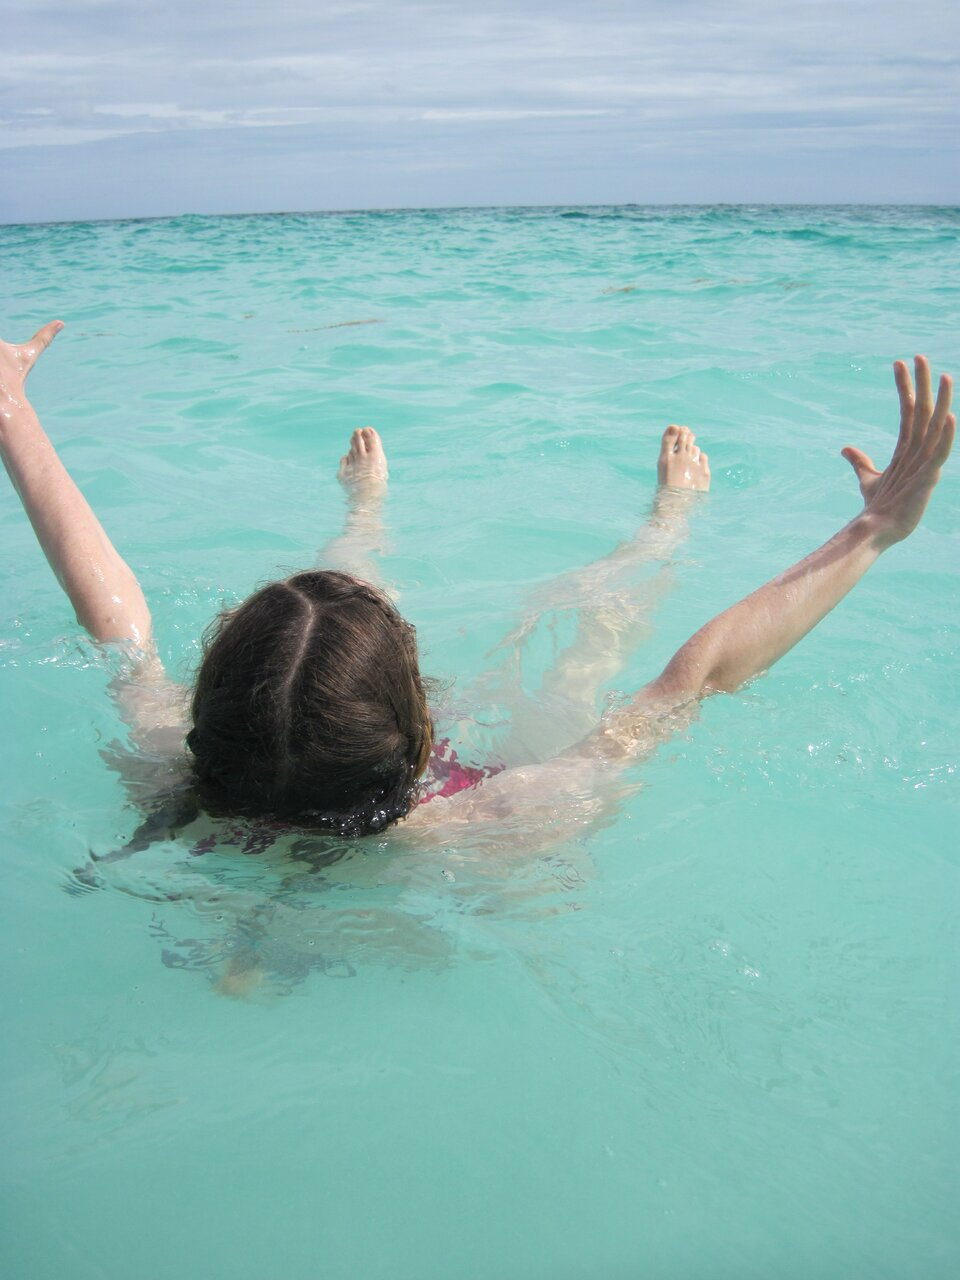 Na zdjęciu osoba unosząca się na powierzchni słonej wody wmorzu. Woda wmorzu jasnoniebieska.